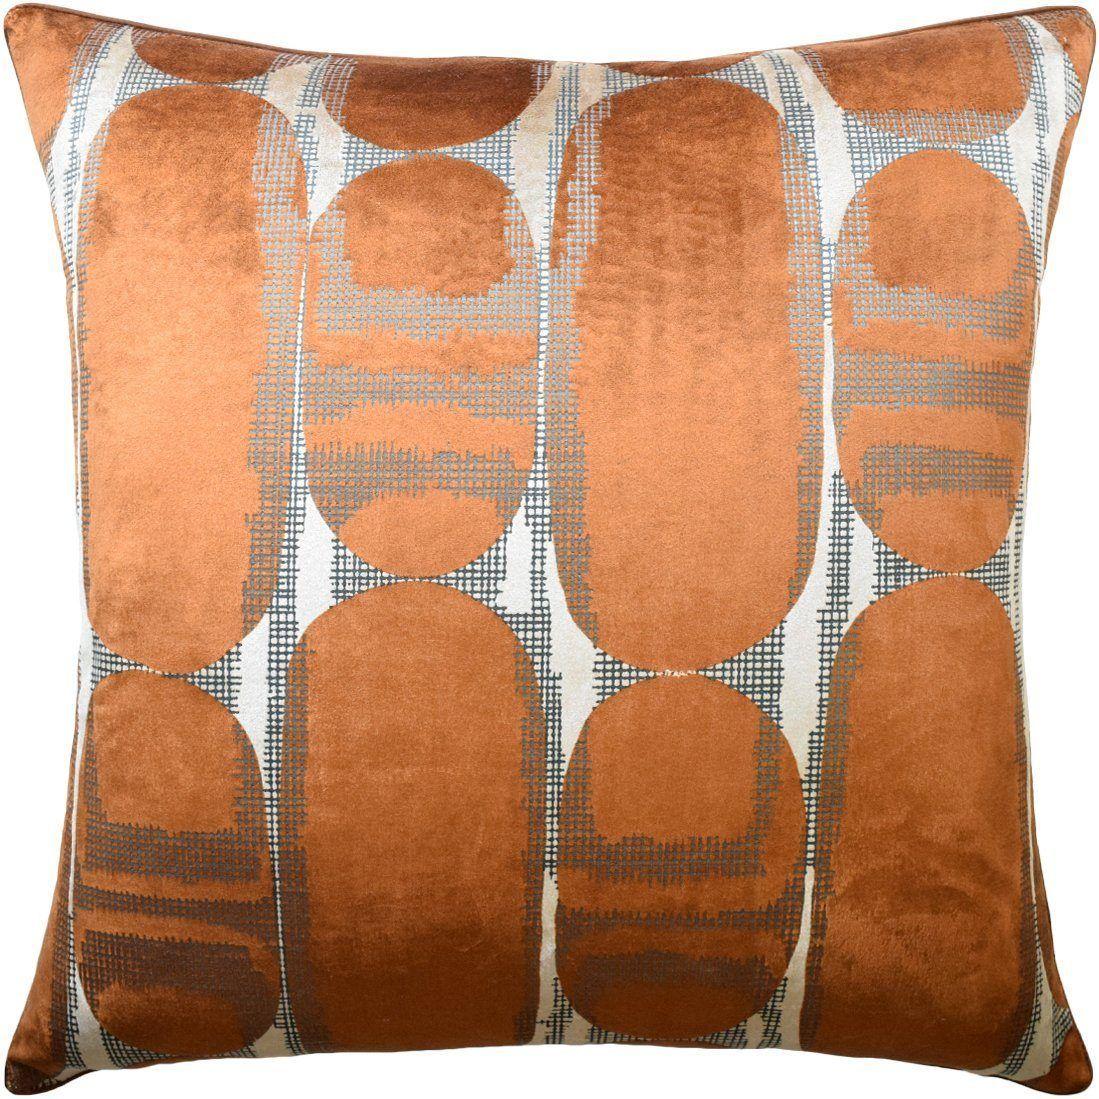 Scarab Rust Decorative Pillow Pillows Decorative Pillows